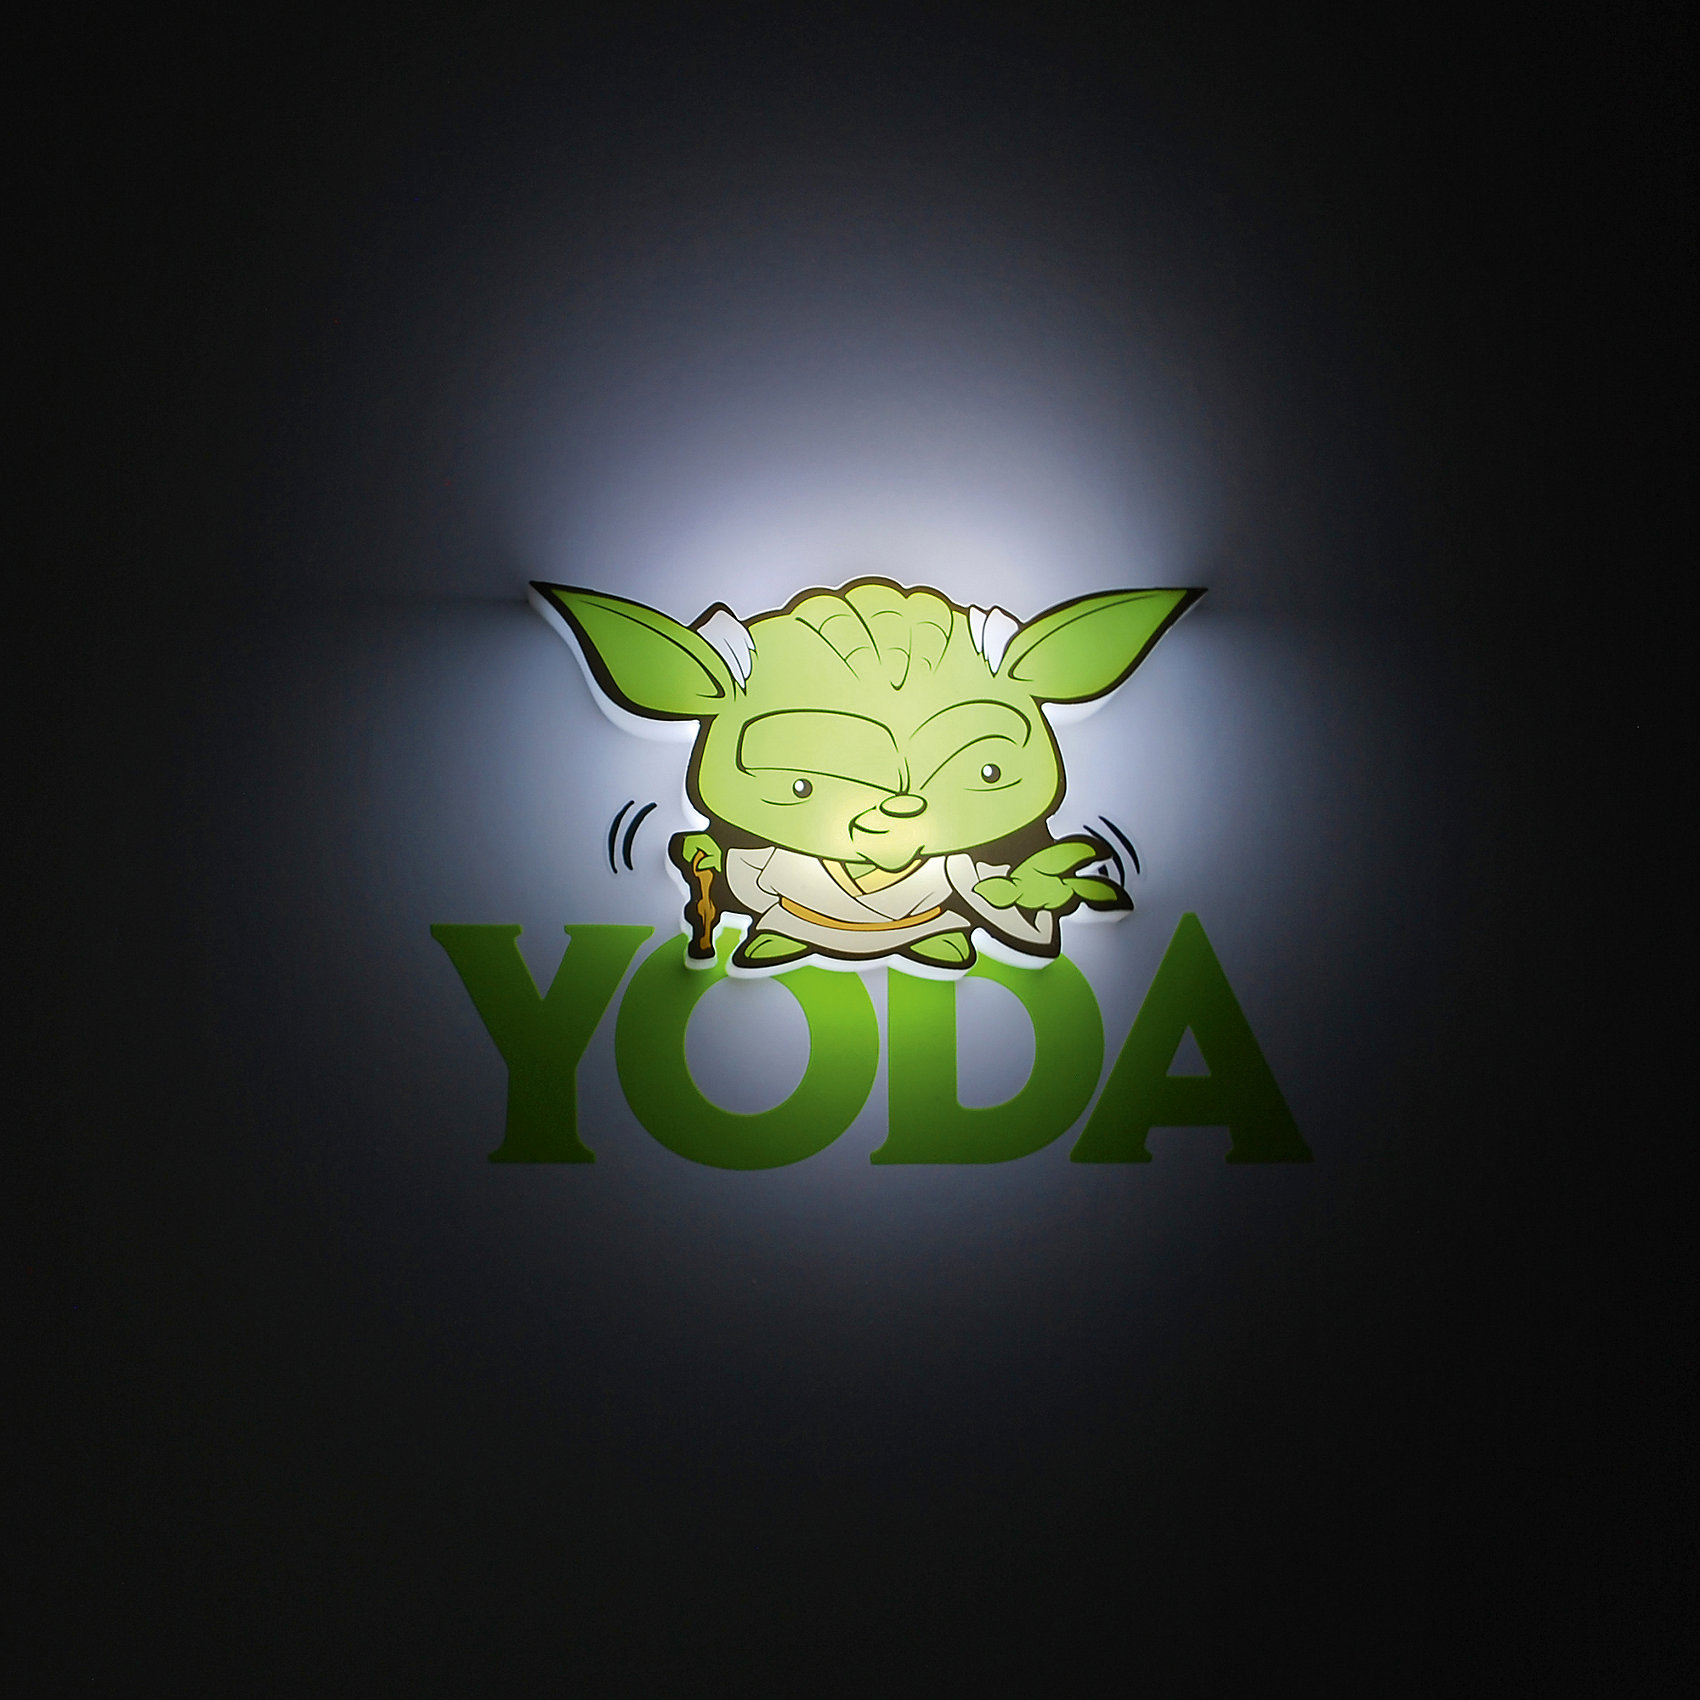 Пробивной мини 3D светильник Йода, Звёздные ВойныЗвездные войны<br>Пробивной мини 3D светильник Йода, Звёздные Войны – светильник станет оригинальным декором для комнаты и подарит приятный мягкий свет.<br>Оригинальный пробивной 3D светильник, выполненный в виде гранд мастера Ордена джедаев Йоды – героя саги Звездные войны, создаст сказочную атмосферу в детской комнате. Мягкое приглушенное свечение наполнит детскую комнату теплом и уютом и избавит ребенка от ночных страхов. В основе работы светильника заложена светодиодная LED-технология, благодаря которой - он лёгкий, затрачивает небольшое количество энергии, не нагревается. Включение и выключения светильника выполняется путем передвижения рычажка. Приятным дополнением к светильнику служат тематические наклейки для декора.<br><br>Дополнительная информация:<br><br>- В комплекте: светильник; наклейки; крепеж<br>- Товар предназначен для детей старше 3 лет<br>- Безопасный: без проводов, работает от батареек (2хААА, не входят в комплект)<br>- Используются светодиоды: LED технология<br>- Не нагревается: всегда можно дотронуться до изделия<br>- Фантастический: выглядит превосходно в любое время суток<br>- Удобный: простая установка (автоматическое выключение через полчаса непрерывной работы)<br>- Материал: пластик, металл<br>- Размер светильника: 14x2,5x7,6 см.<br>- Размер упаковки: 16,9х4,1х16 см.<br>- Вес: 160 г.<br>- ВНИМАНИЕ! Содержит мелкие детали, использовать под непосредственным наблюдением взрослых<br>- Страна происхождения: Китай<br>- Дизайн и разработка: Канада<br><br>Пробивной мини 3D светильник Йода, Звёздные Войны можно купить в нашем интернет-магазине.<br><br>Ширина мм: 169<br>Глубина мм: 41<br>Высота мм: 160<br>Вес г: 160<br>Возраст от месяцев: 36<br>Возраст до месяцев: 2147483647<br>Пол: Унисекс<br>Возраст: Детский<br>SKU: 4566040